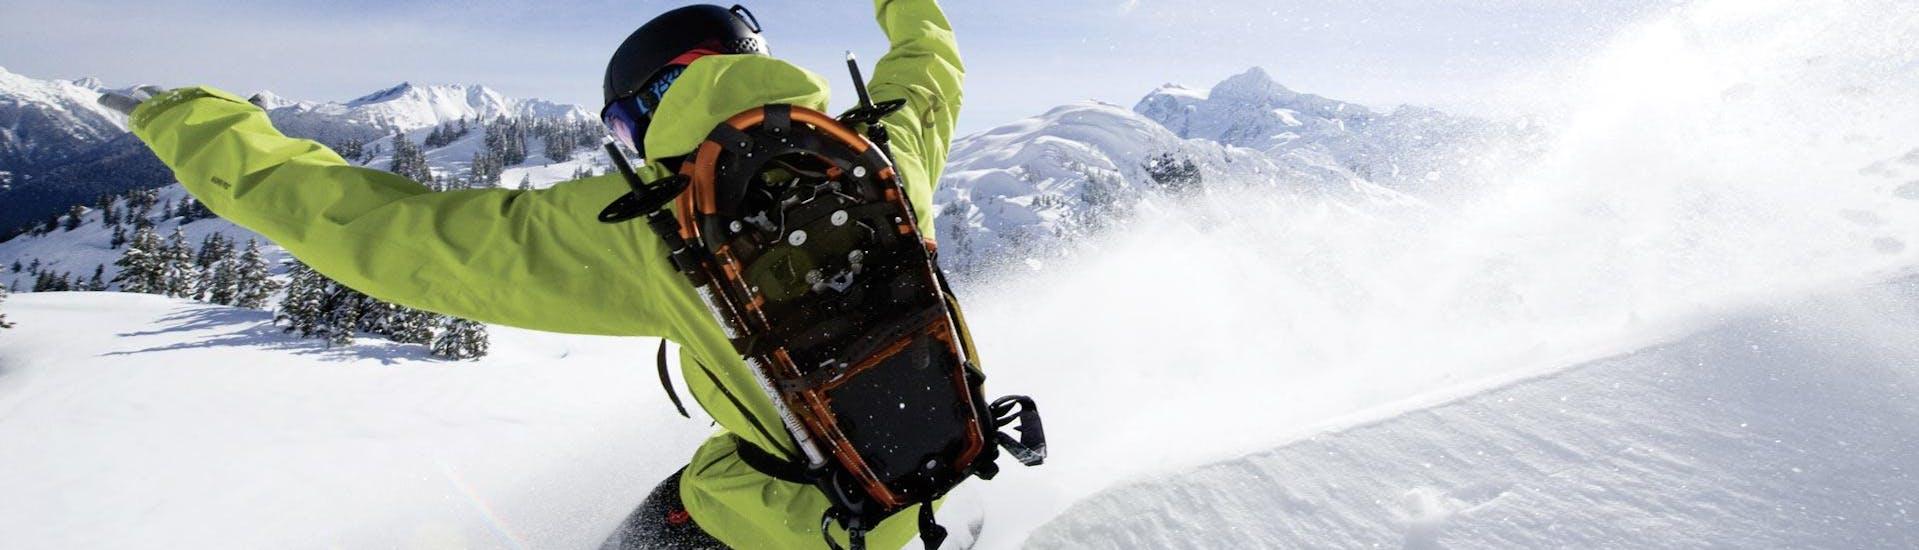 Privater Snowboardkurs für alle Levels & Altersgruppen